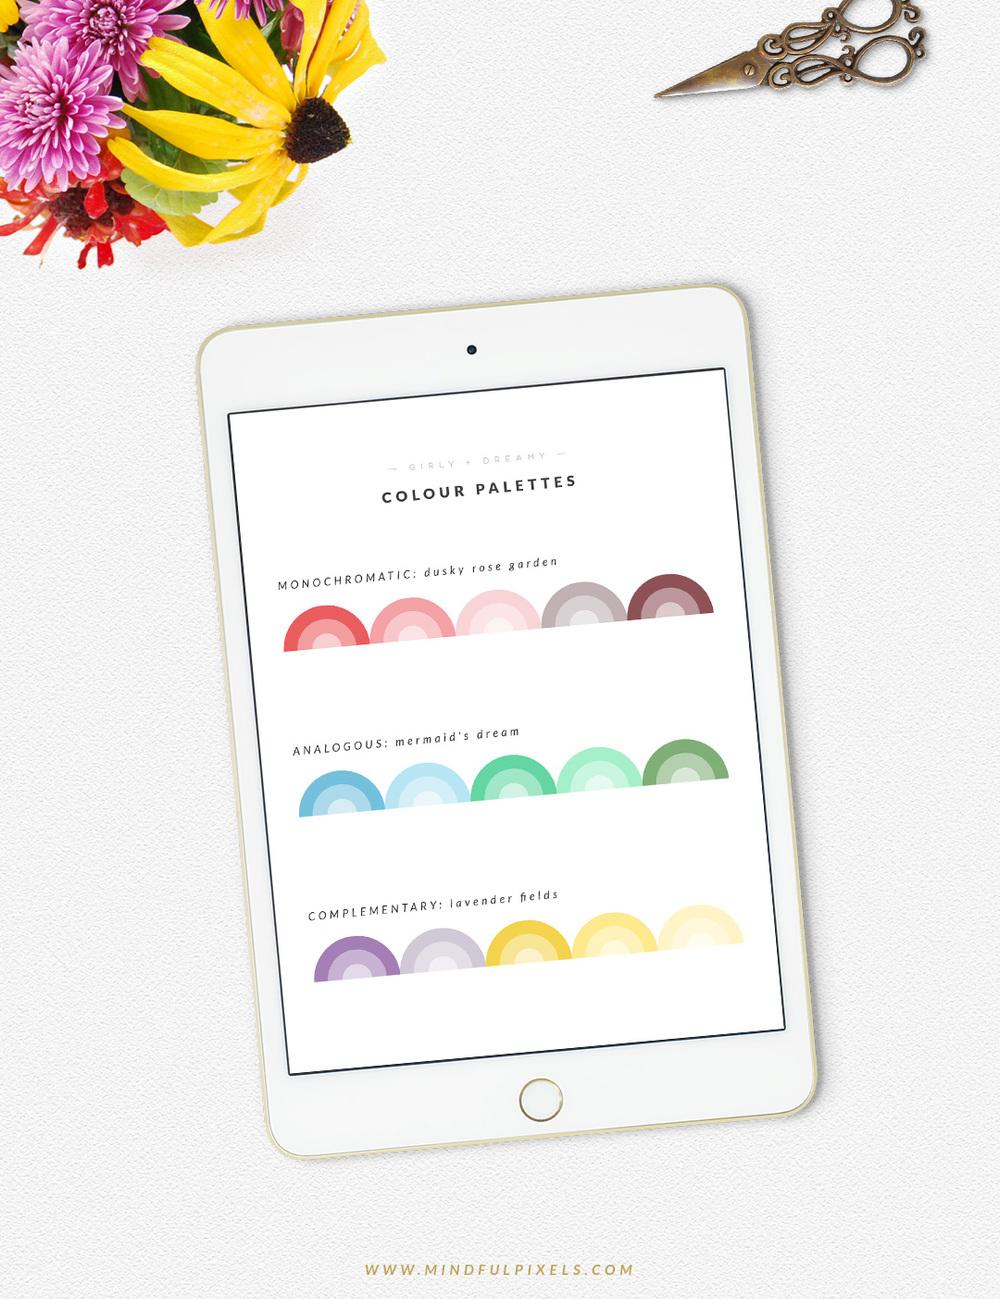 How to choose your colour palette - Part 2: Pick your colours